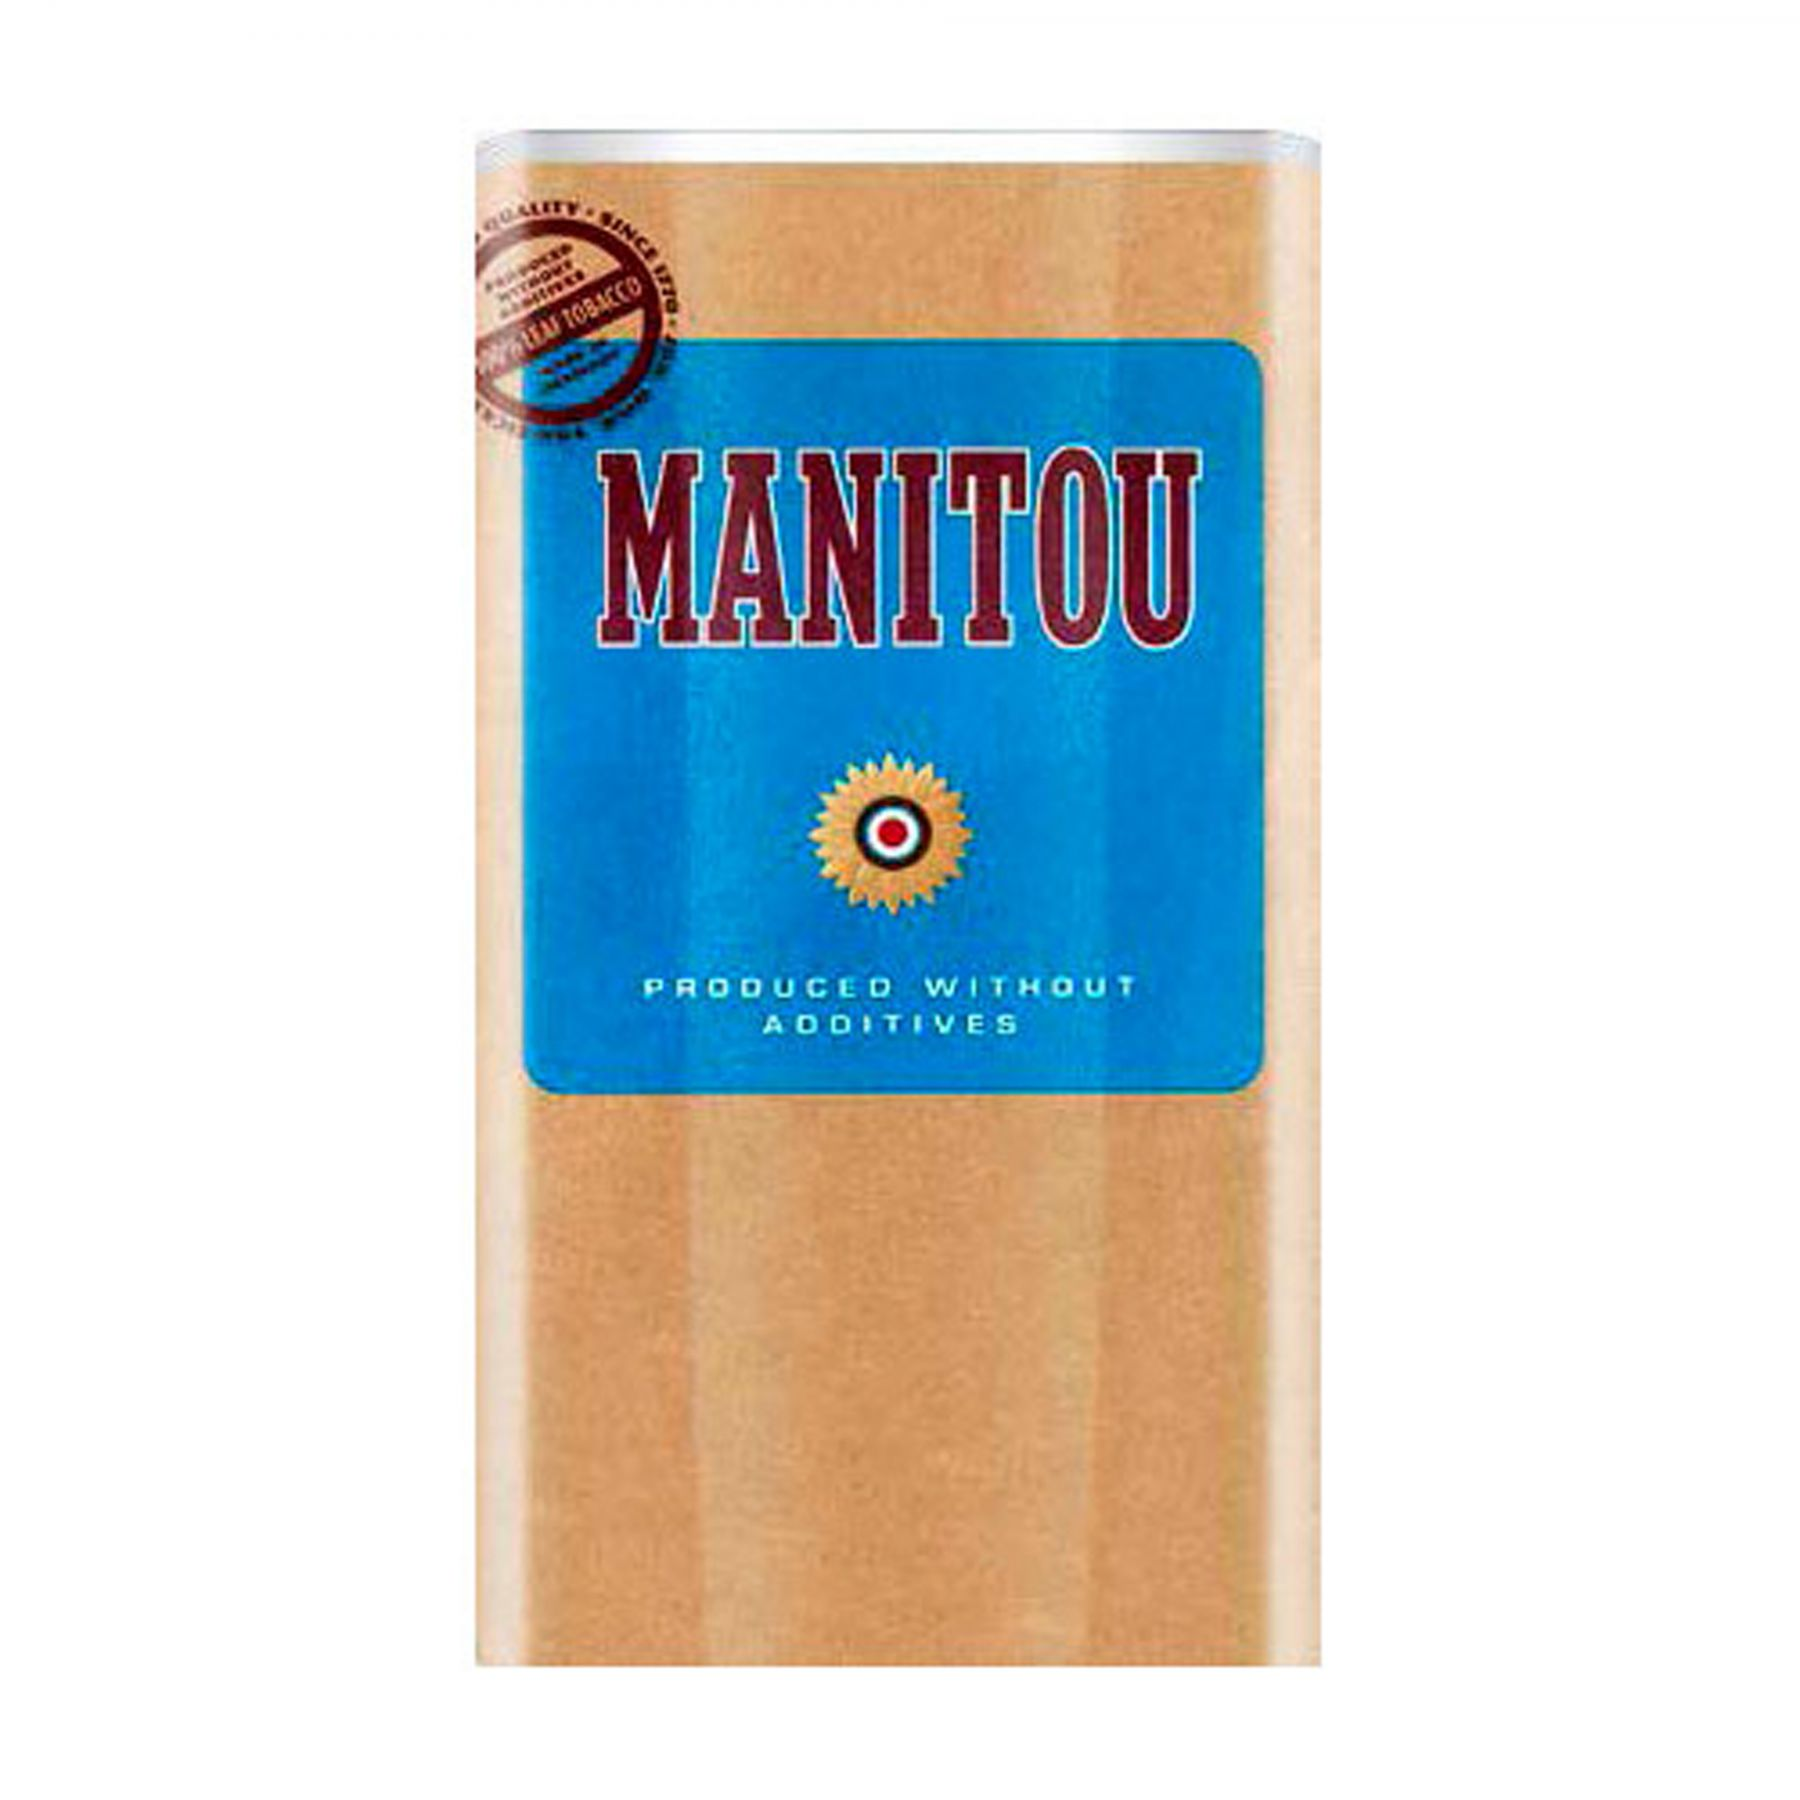 Manitou сигареты купить спб электронная сигарета мод купить москва